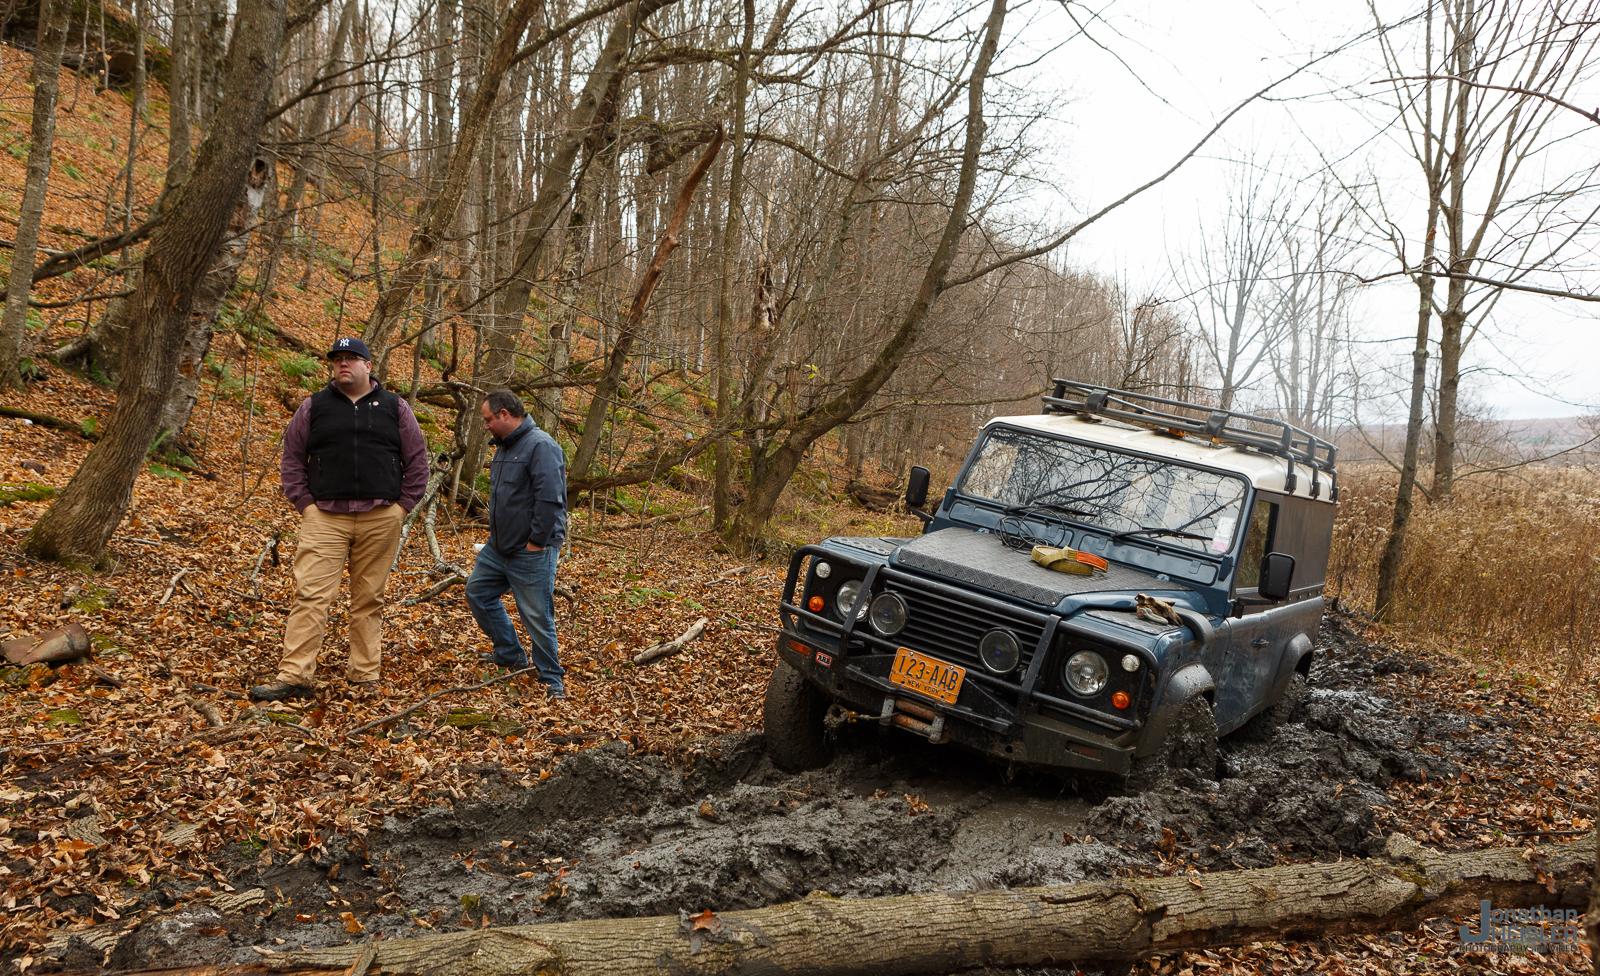 Guy Fawkes Land Rover_ Land Rover Defender __ Jonathan Heisler _ Jonathan Heisler Photography008.jpg